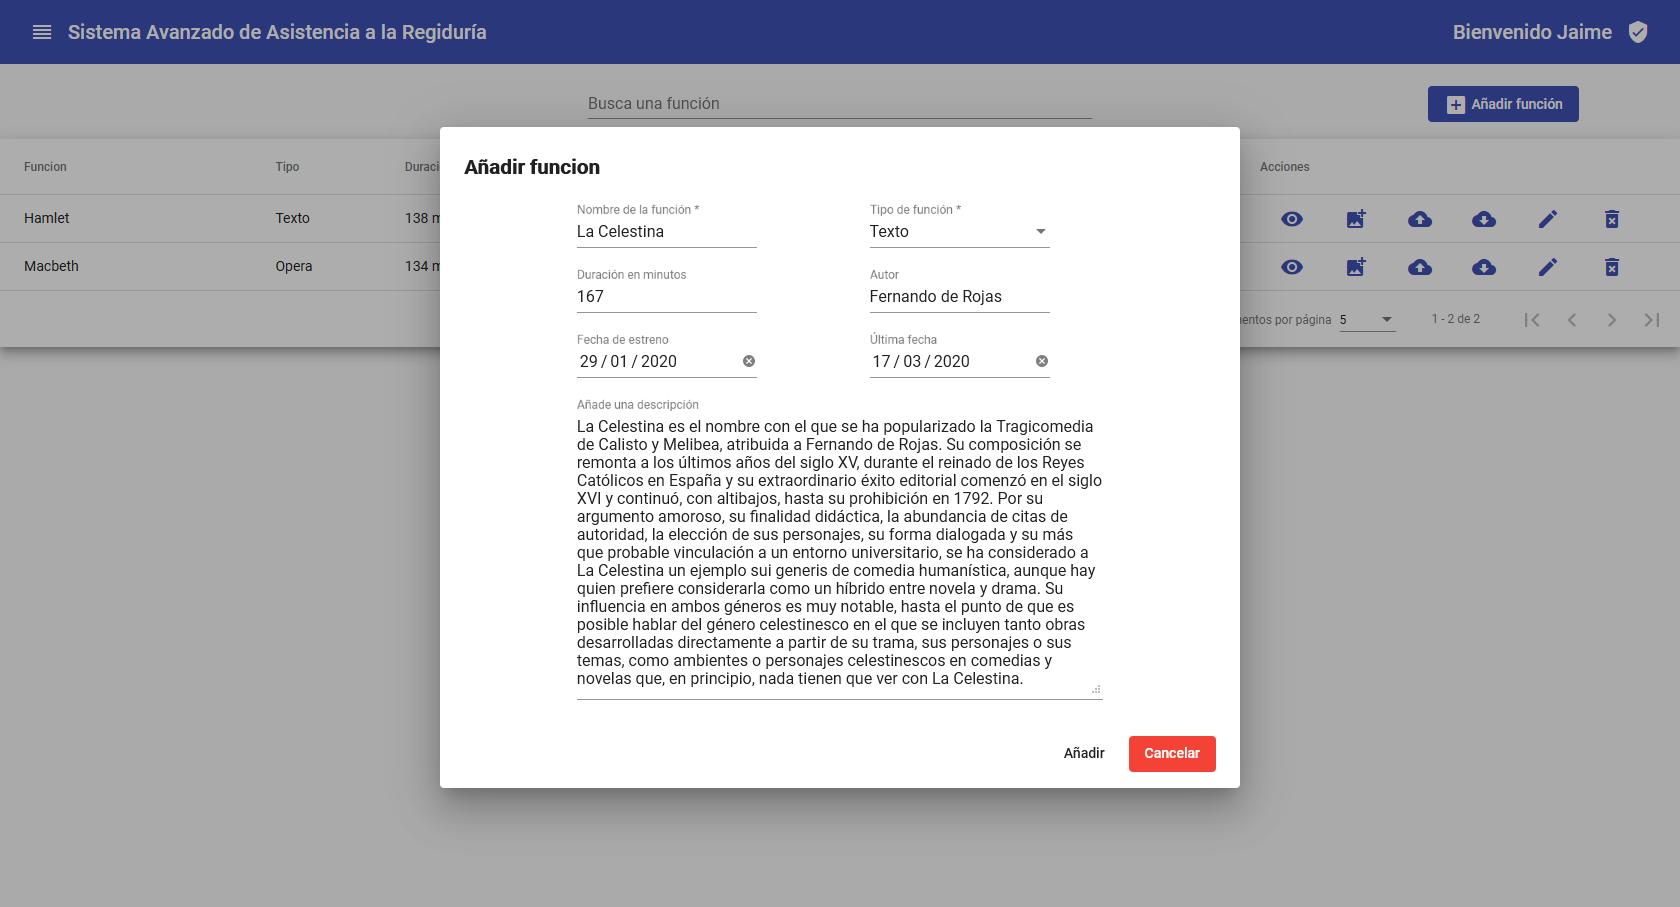 Edición de una función en la aplicación web